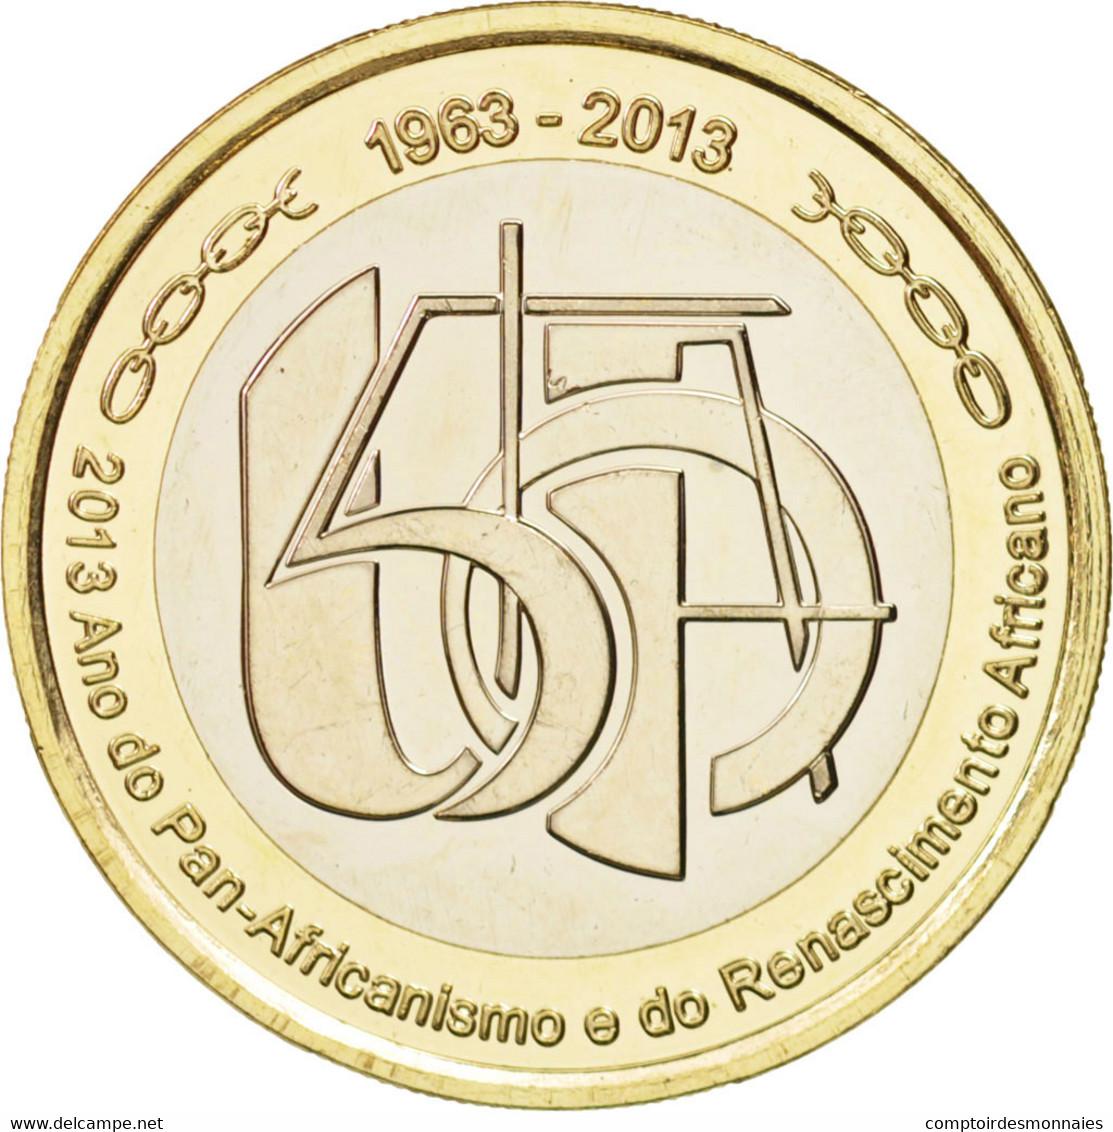 Cape Verde, 250 Escudos, 2013, SPL, Bi-Metallic - Cap Vert